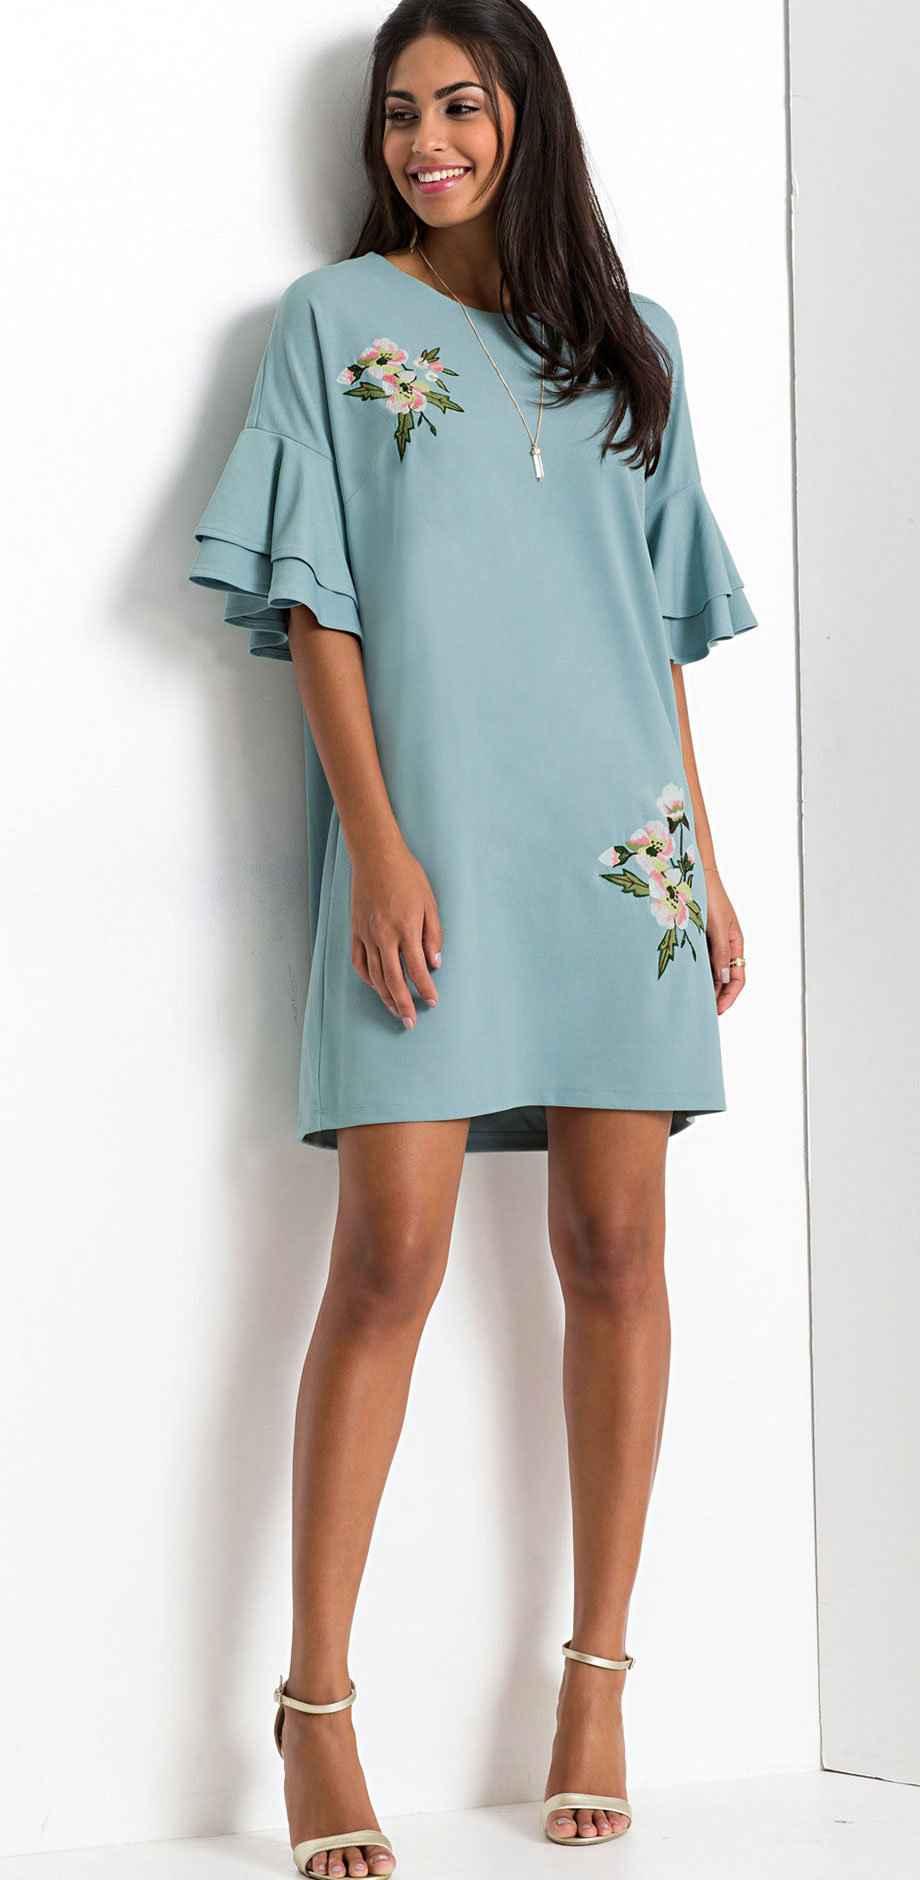 Kurze Kleider: Vielfalt für trendige Damen bei bonprix